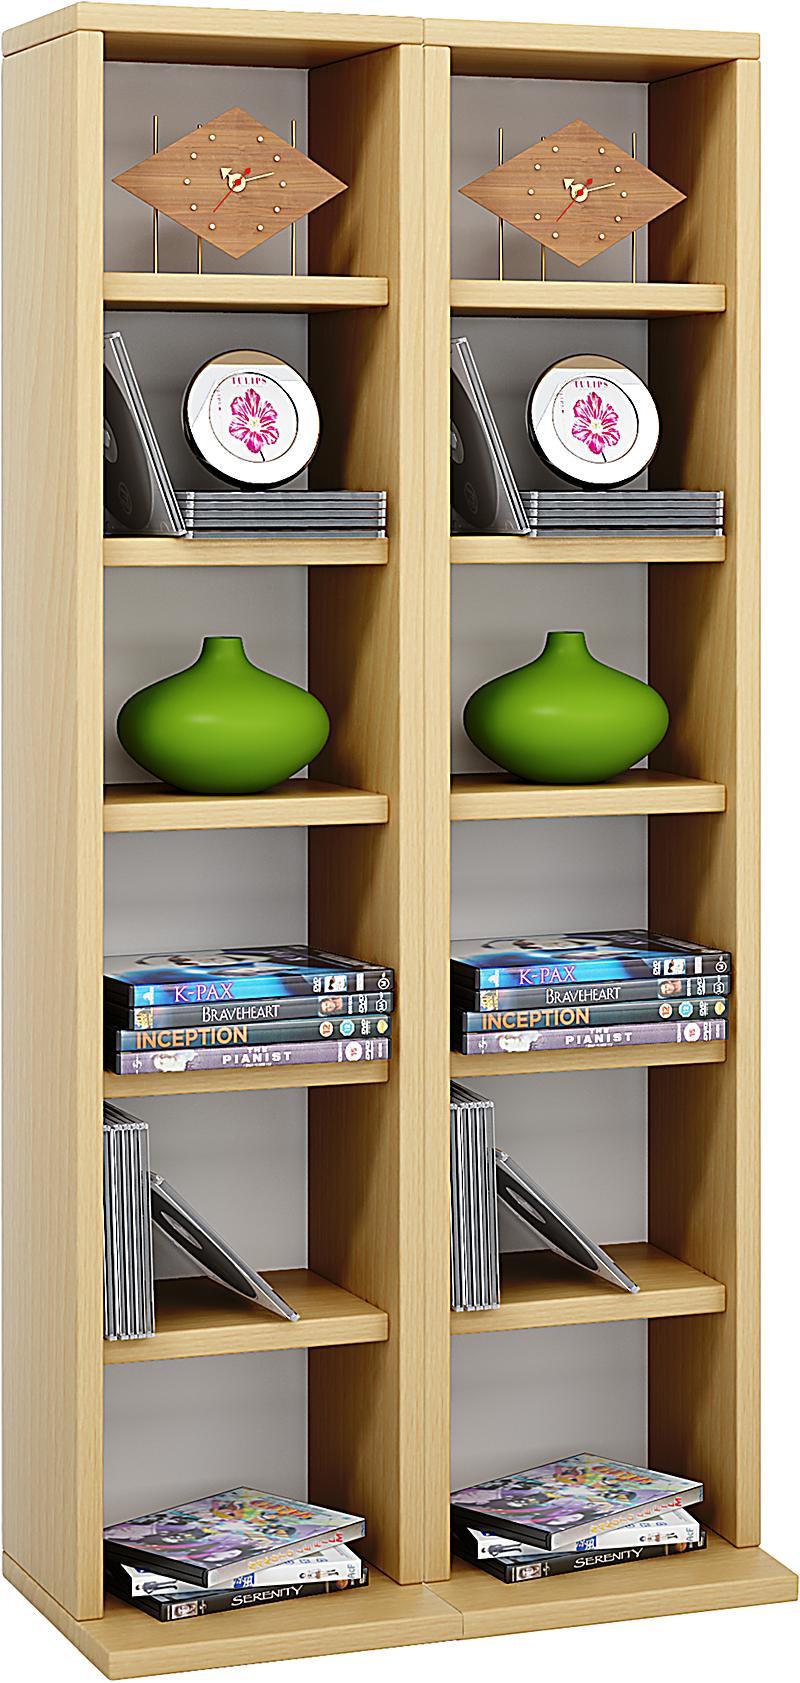 vcm regal dvd cd rack m bel aufbewahrung holzregal standregal m bel anbauprogramm milano farbe. Black Bedroom Furniture Sets. Home Design Ideas